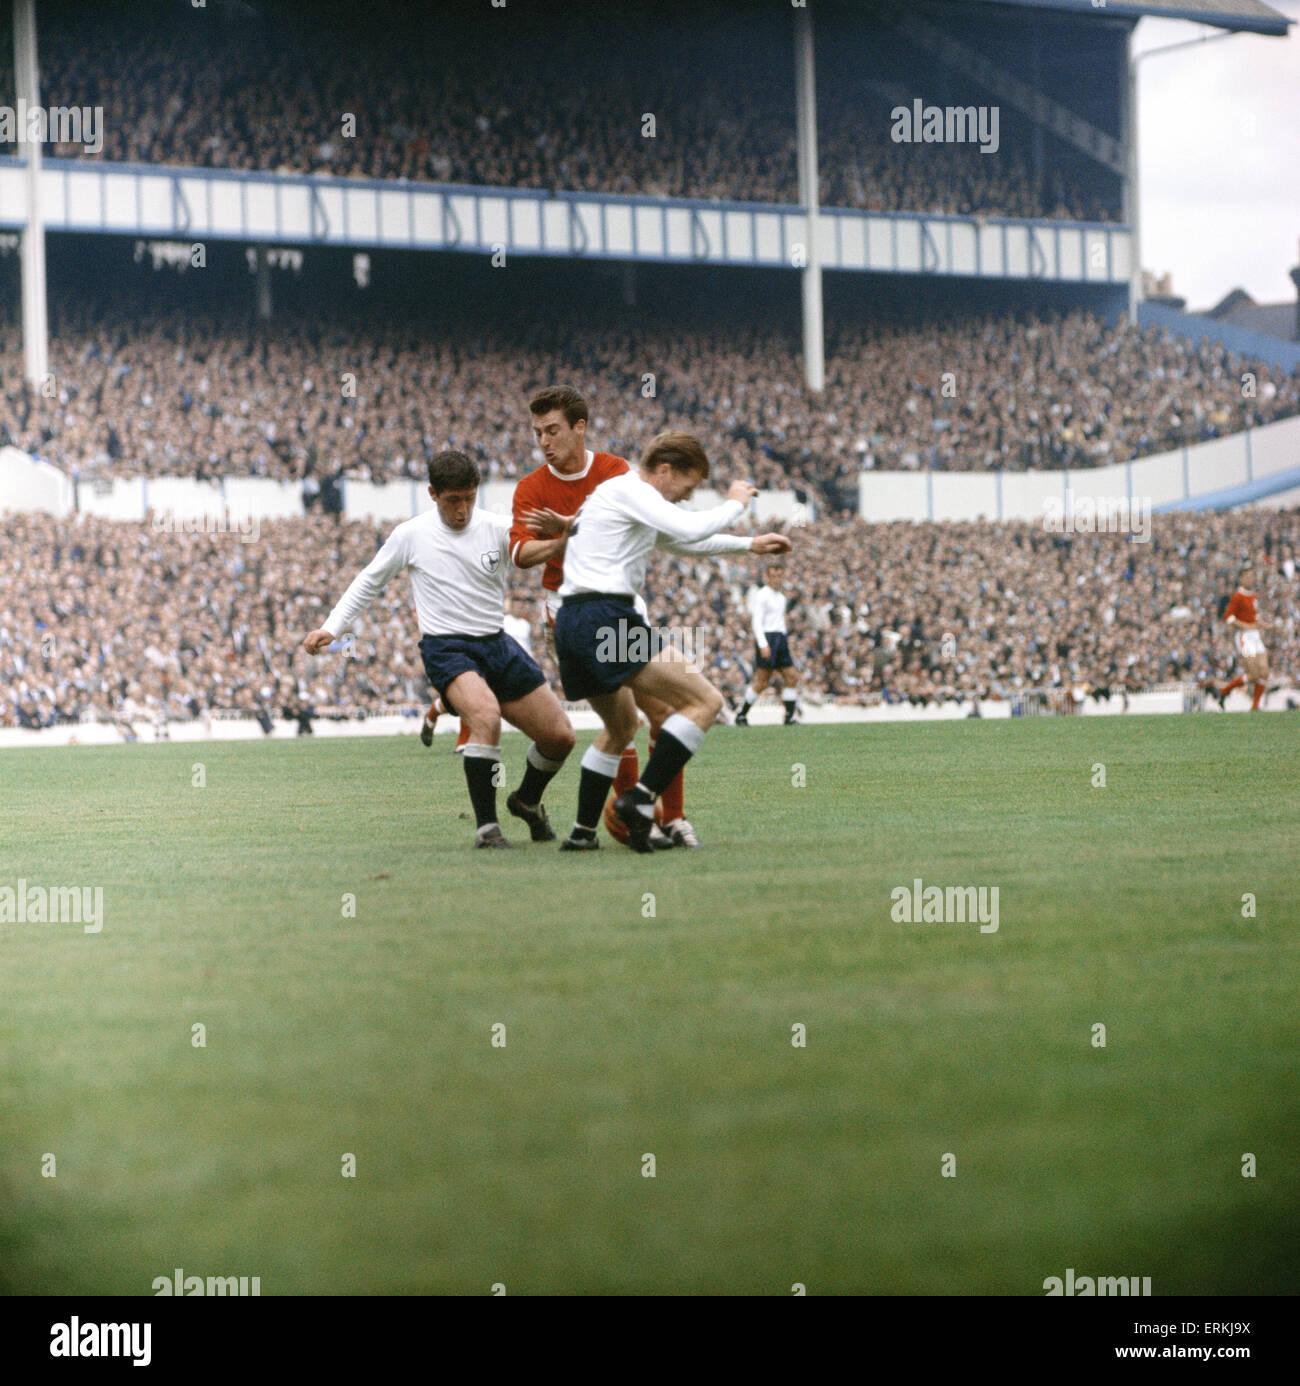 buena textura descuento de venta caliente mejor amado División de la Liga inglesa una coincidencia en el White ...